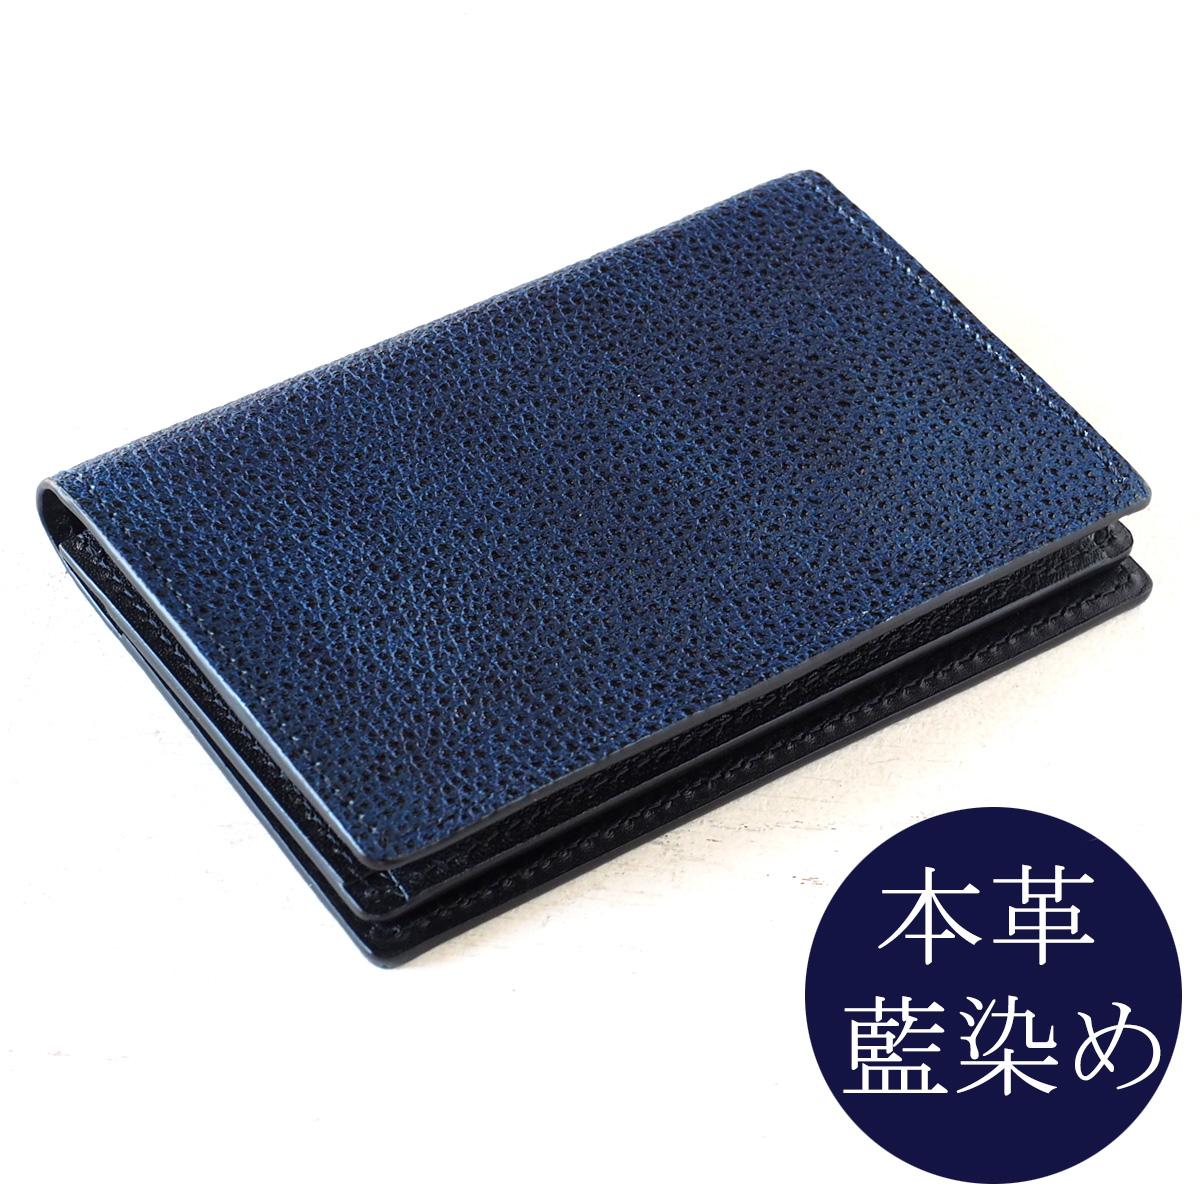 COTOCUL(コトカル) 名刺入れ 黒桟革(くろざんがわ) 本藍染め [KCW0002-AI] 革財布 革製品 革小物